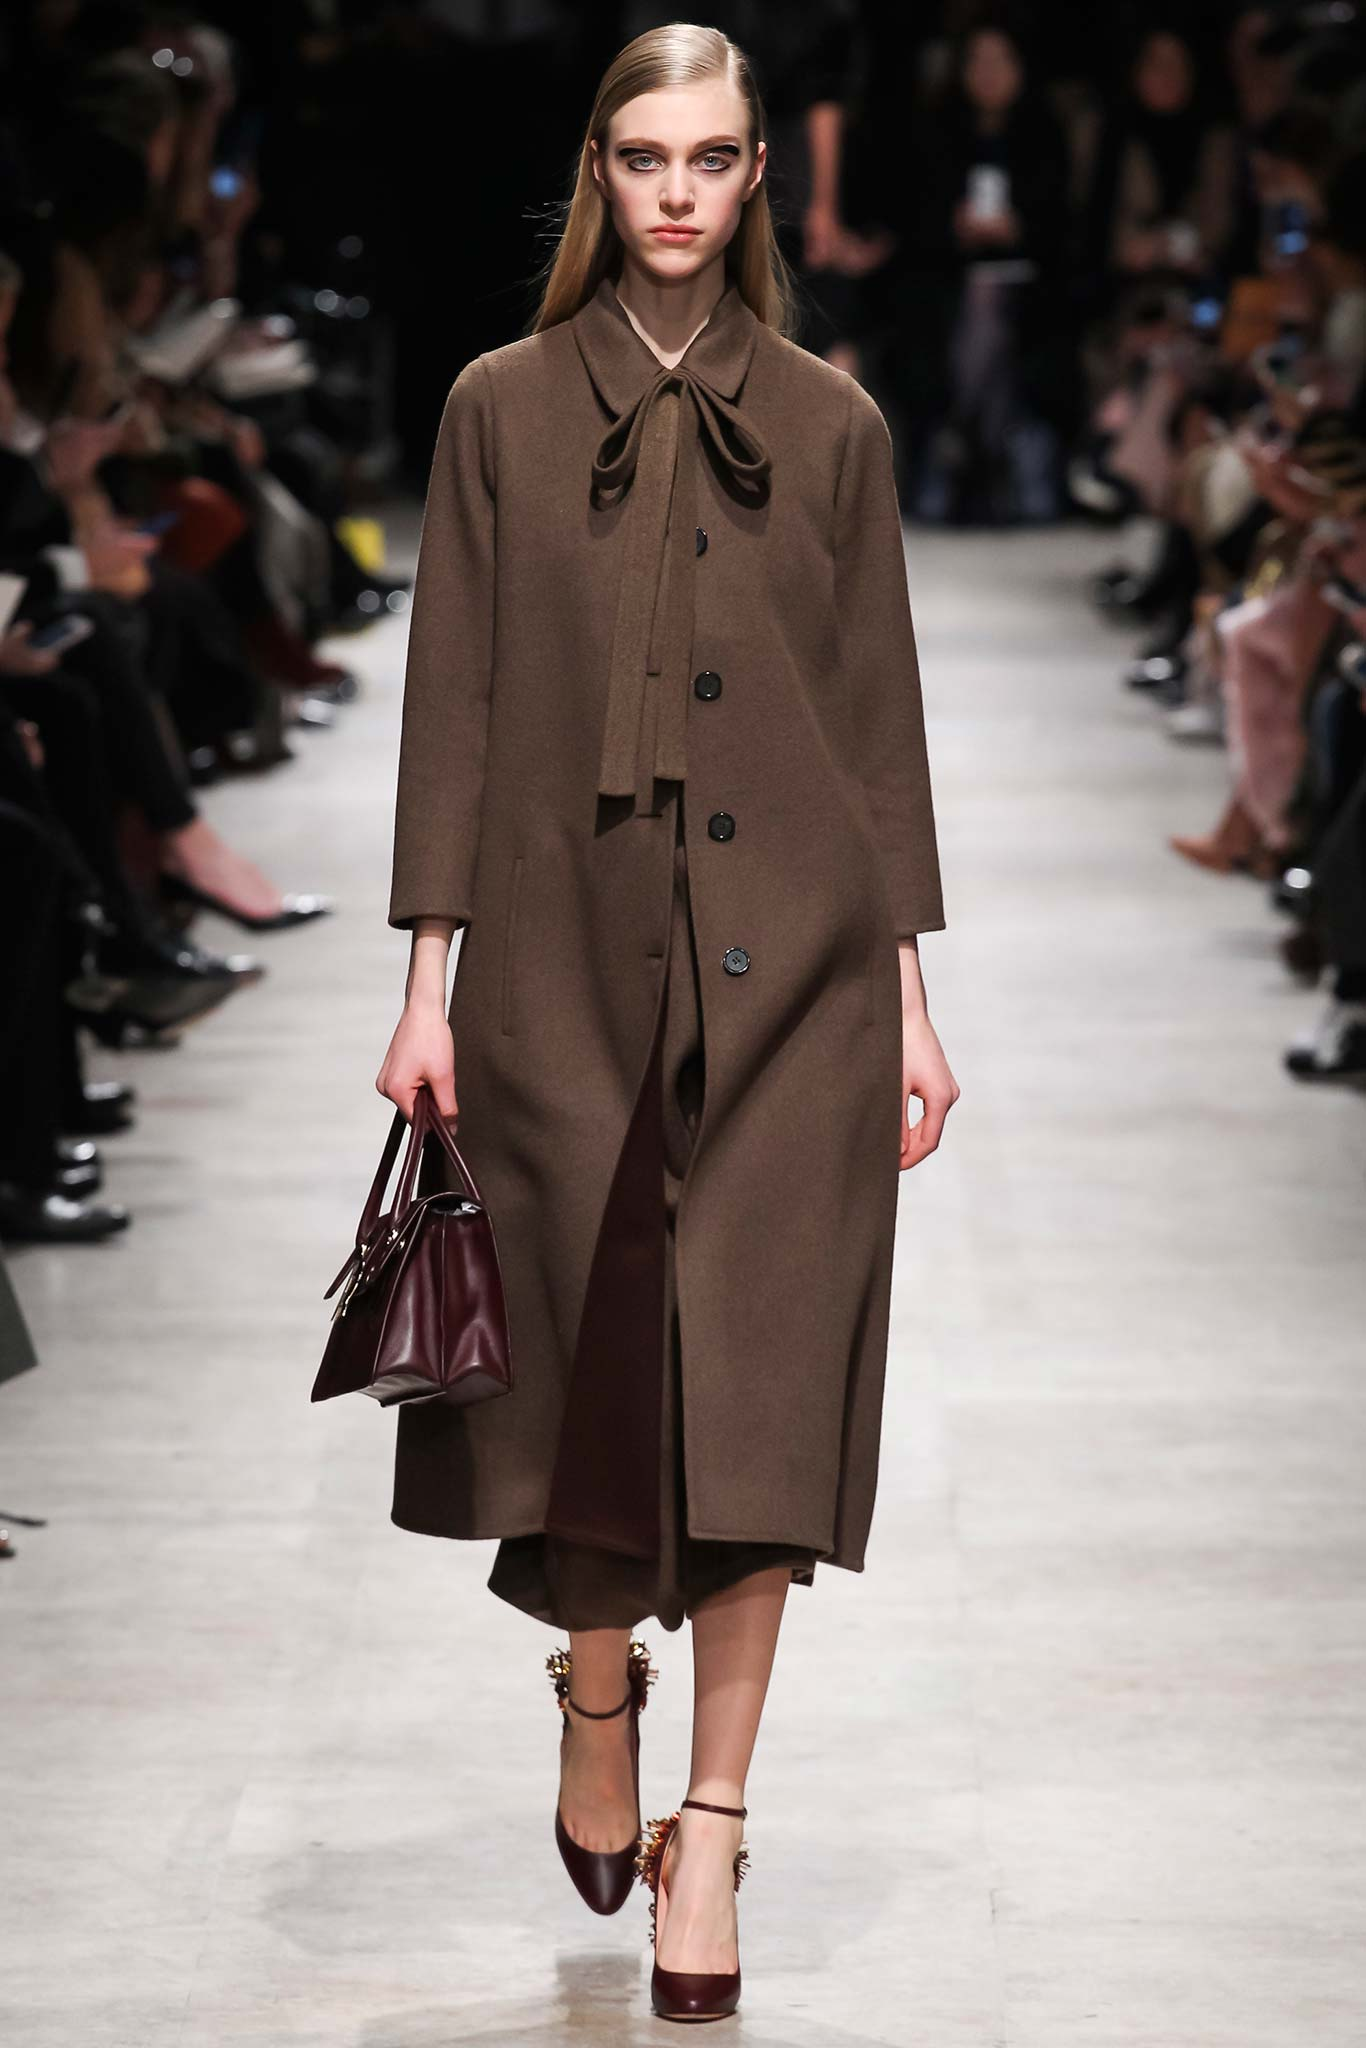 Rochas осень зима 20152016 Неделя моды в Париже: во что превращаются показы сегодня?